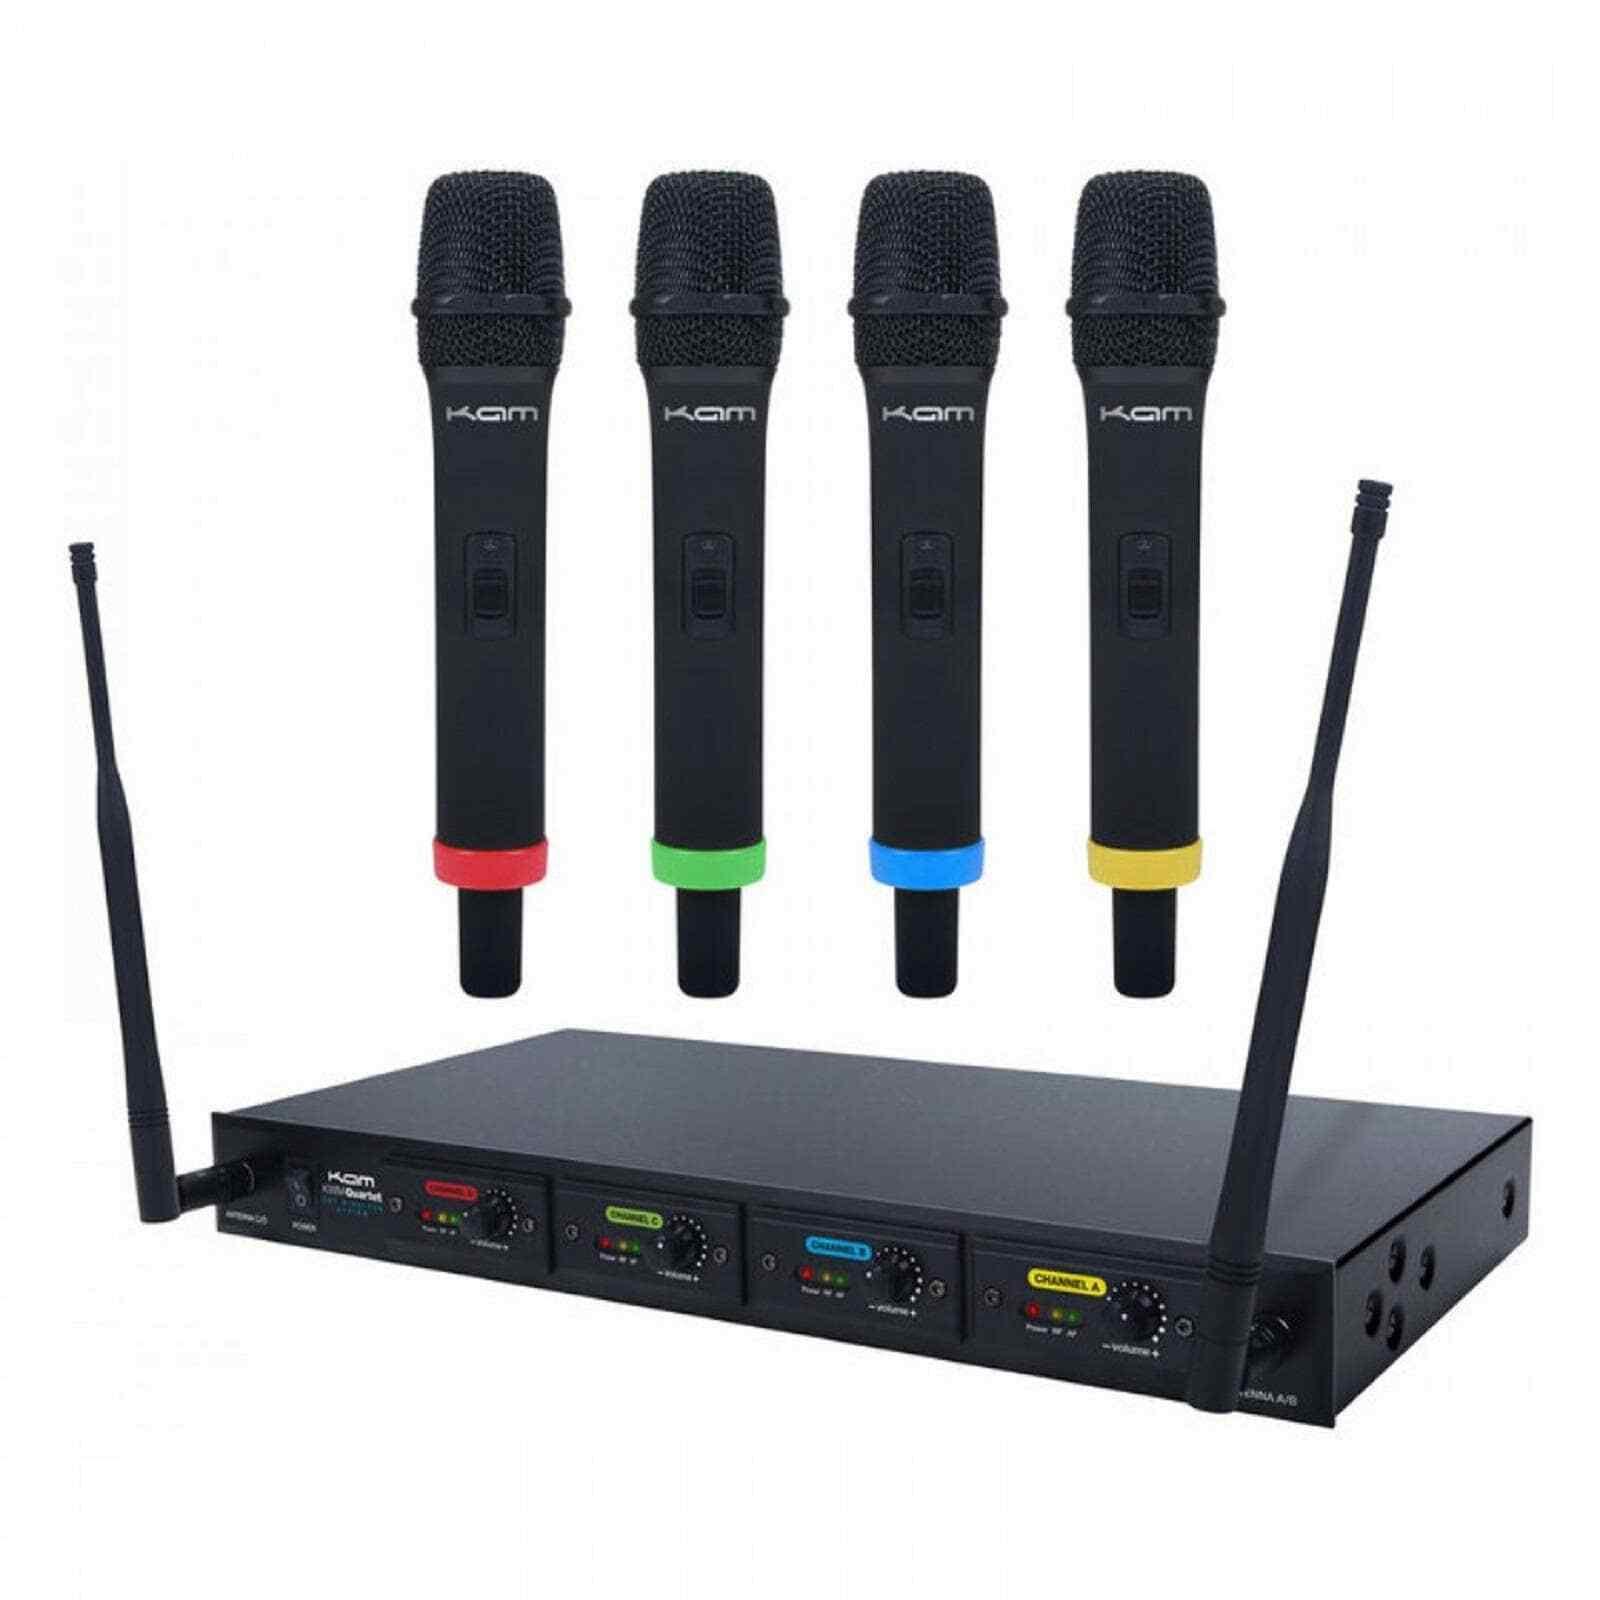 Kam KWM Quartet Wireless Microphone System